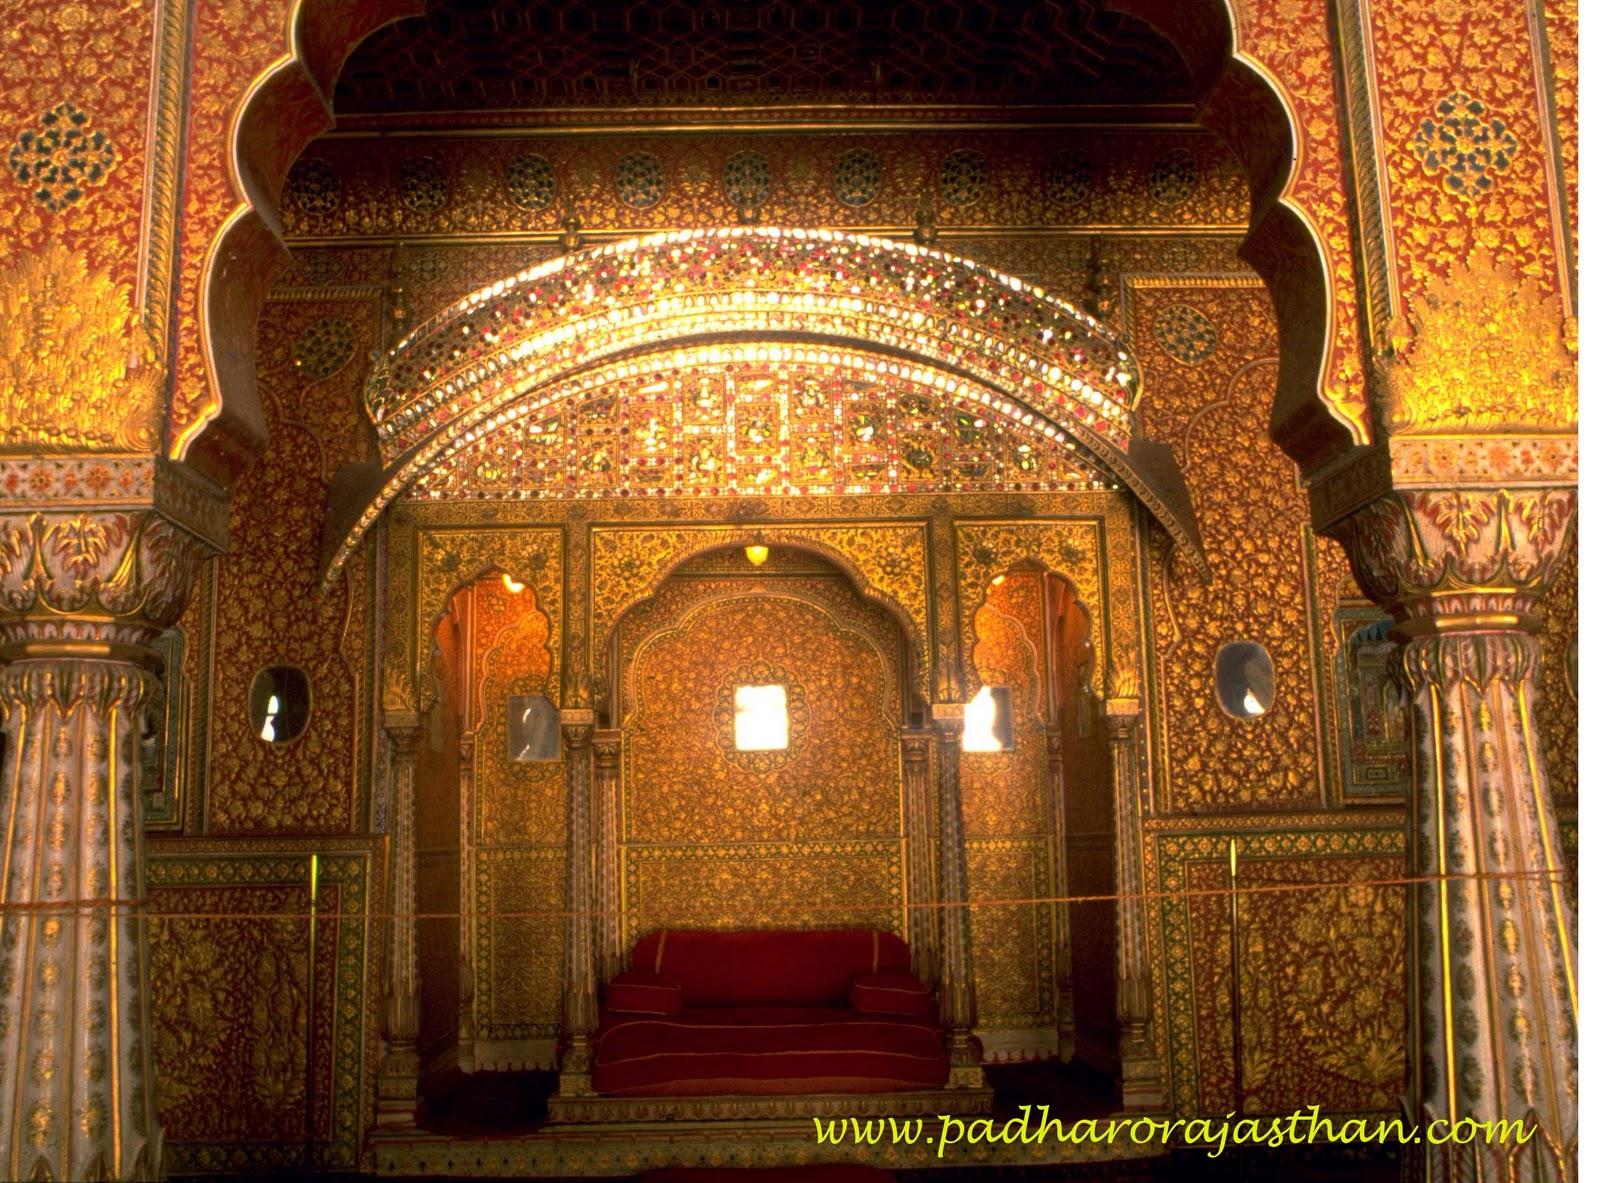 Padharo Rajasthan Interior At Junagarh Palace Bikaner